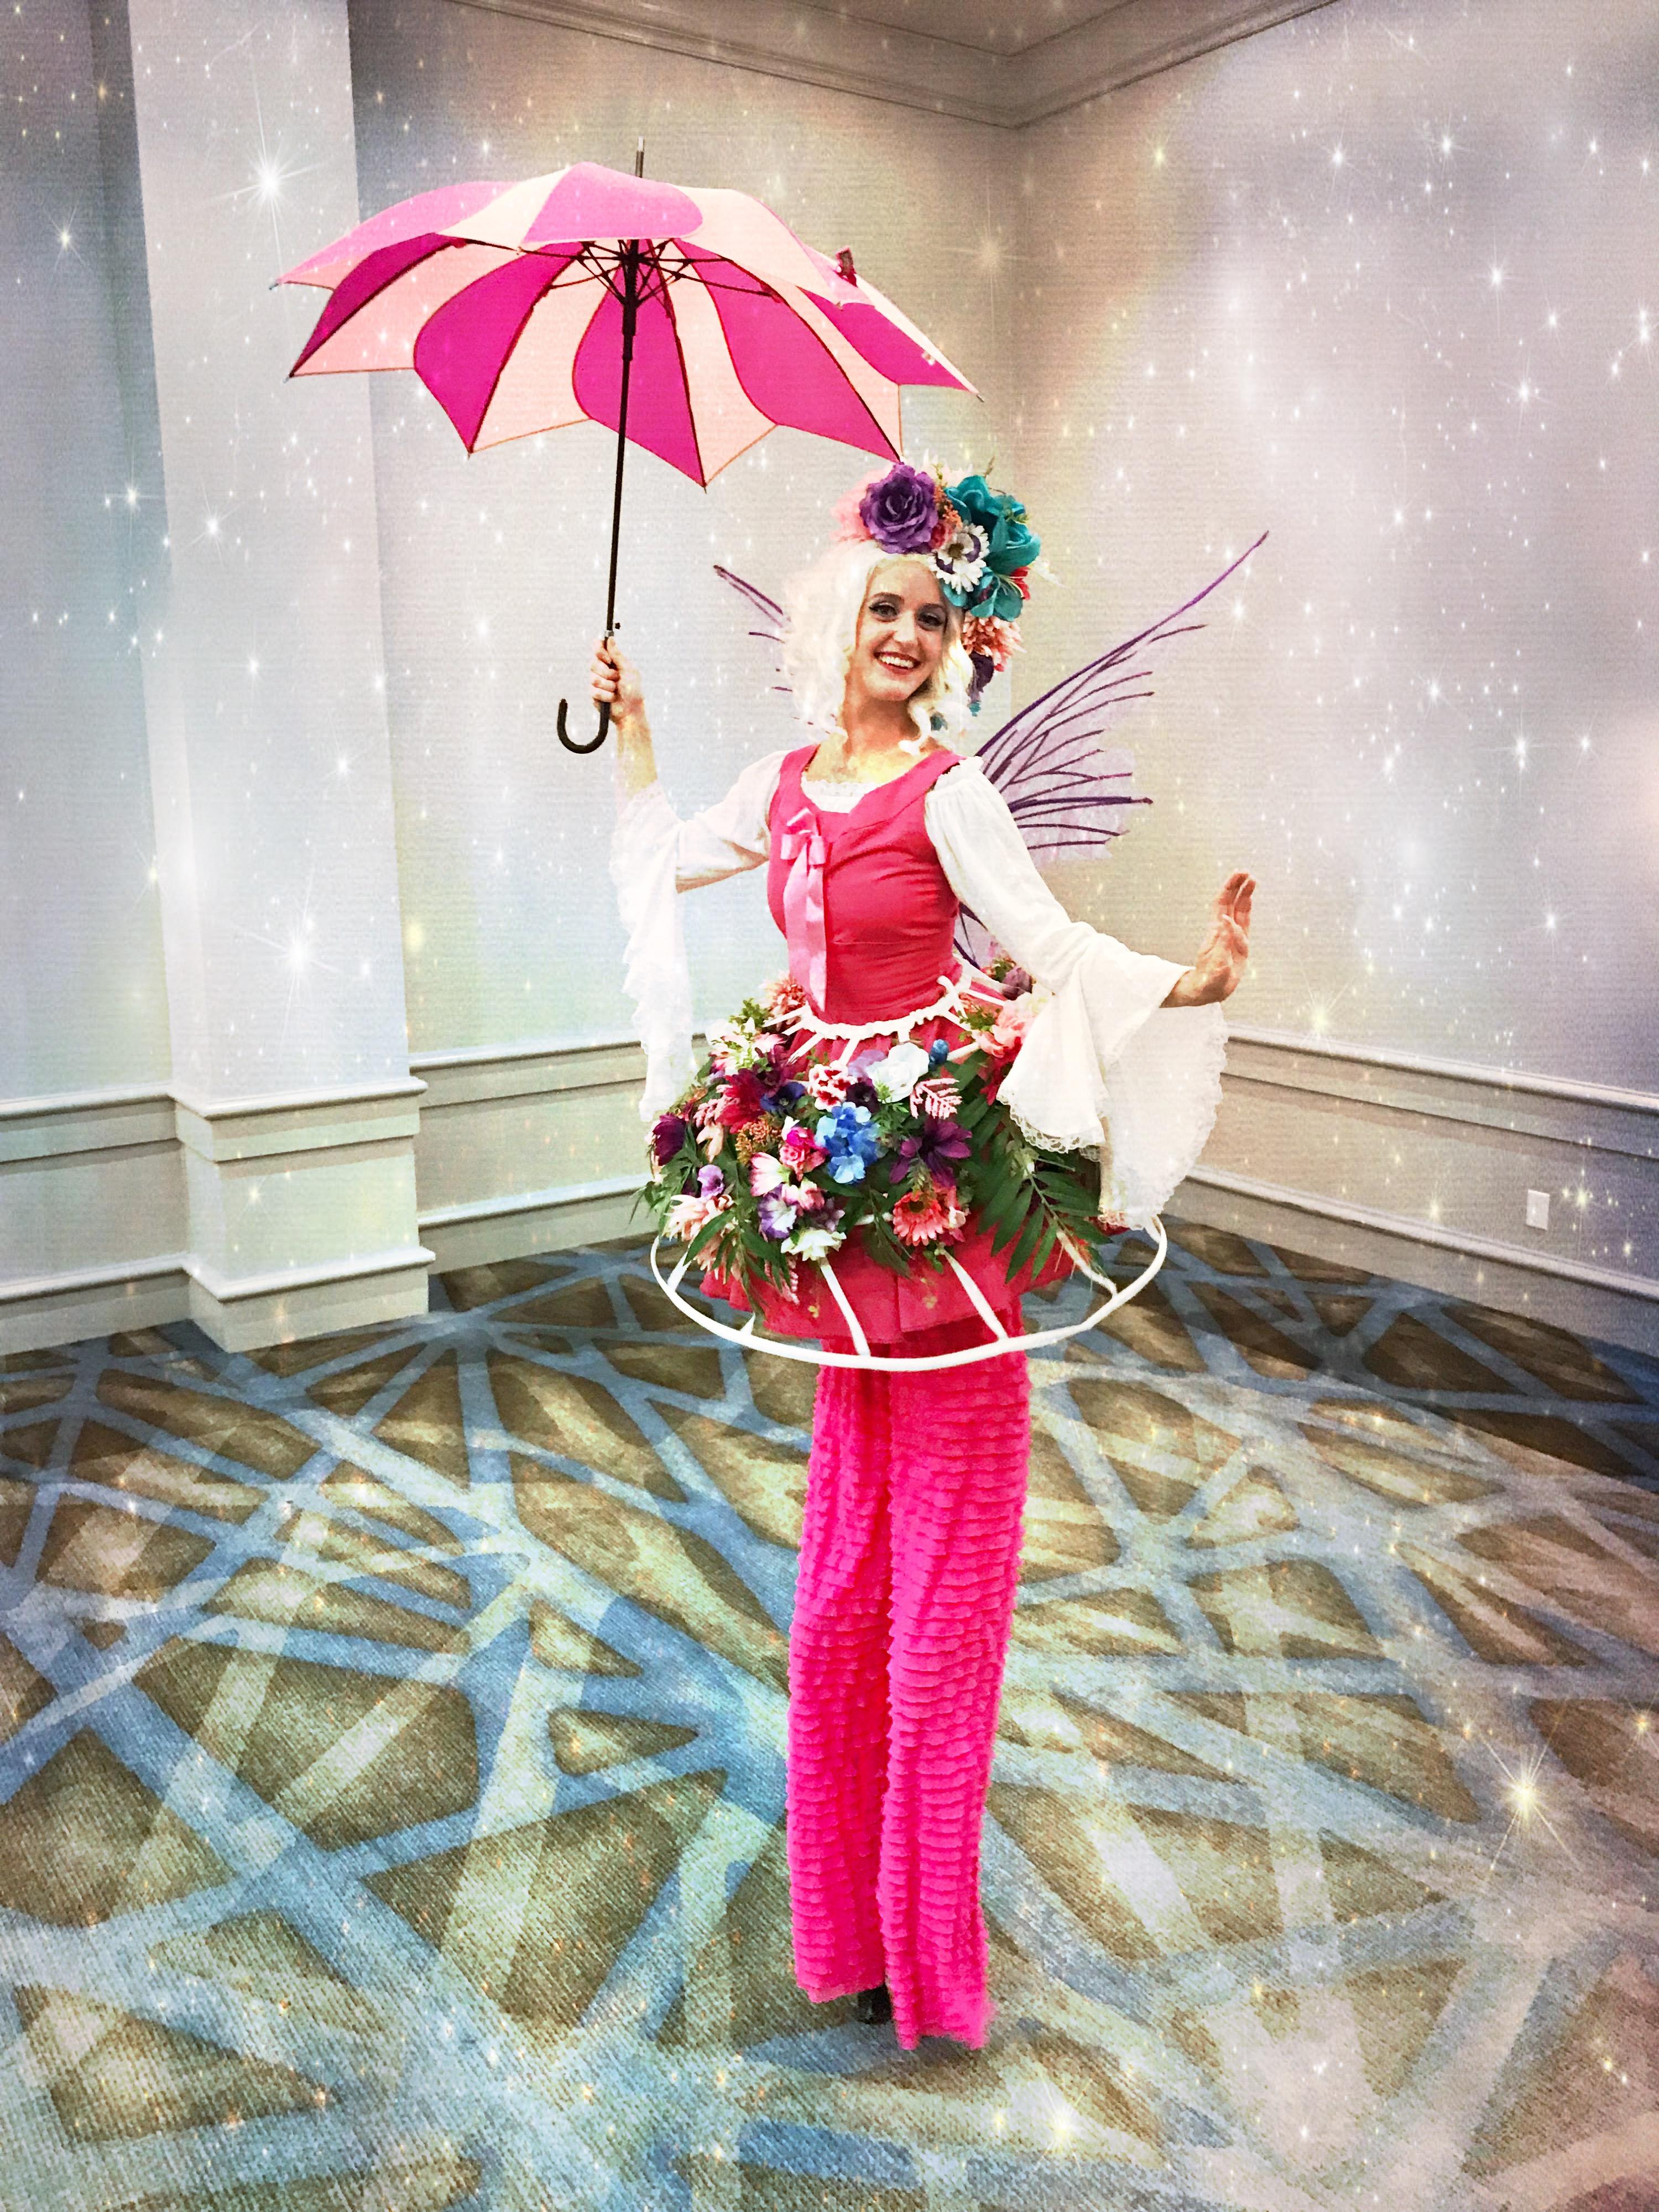 Flower Fairy Stilt Walker